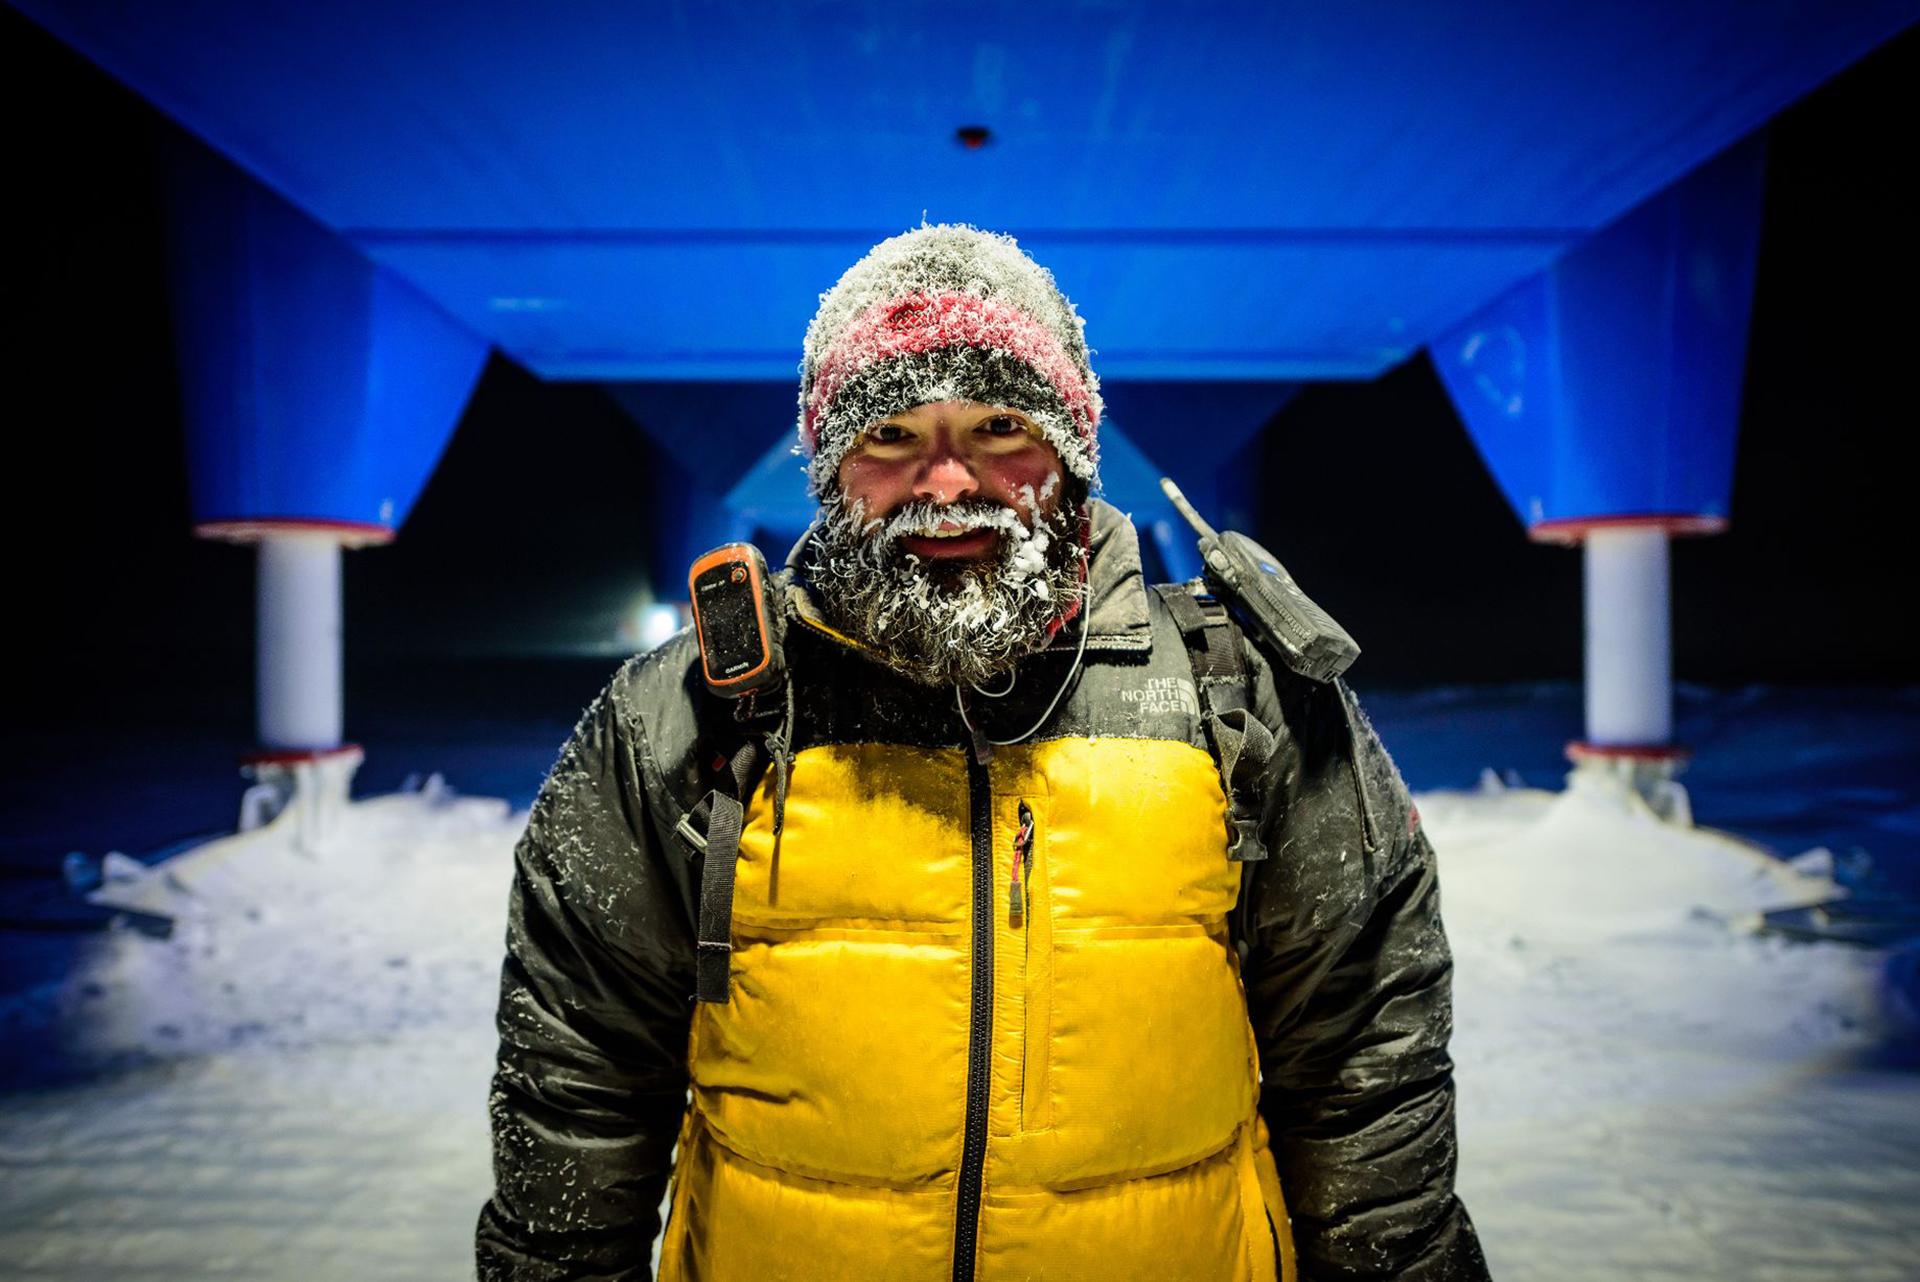 Michal Krzysztofowicz con la barba congelada. Las temperaturas pueden llegar a -56° C